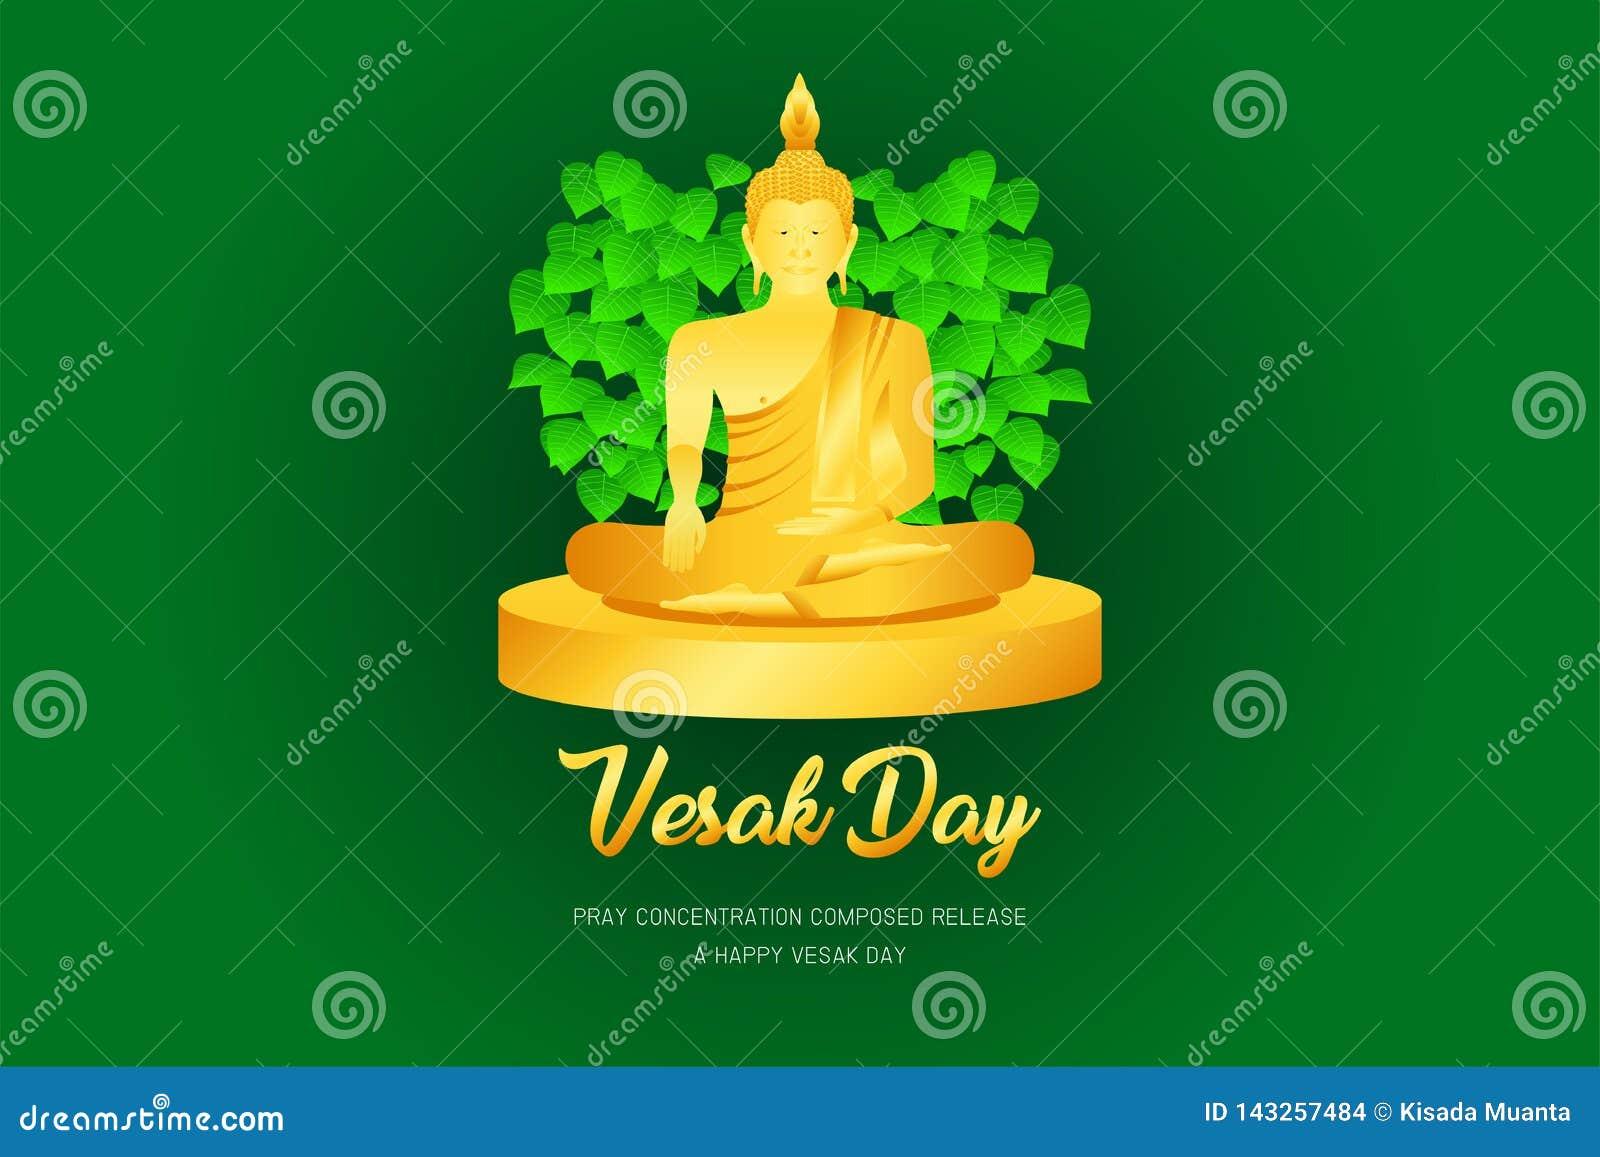 El phra Buda del monje del día de Vesak ruega el frente compuesto concentración del lanzamiento del ejemplo eps10 de la fe de la